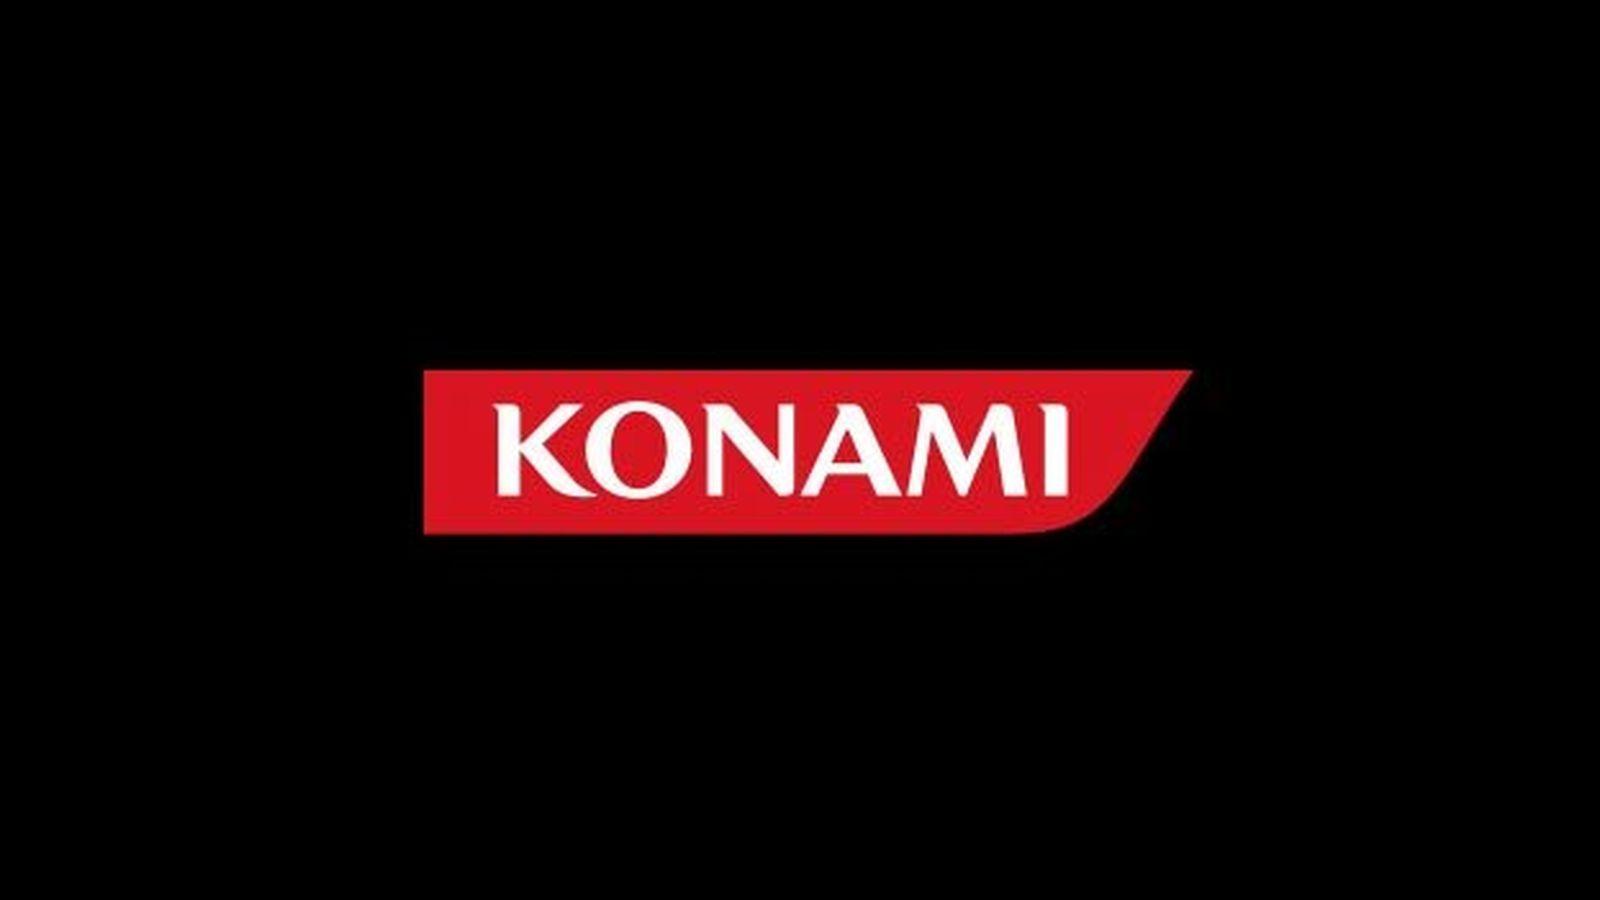 konami-a-sony